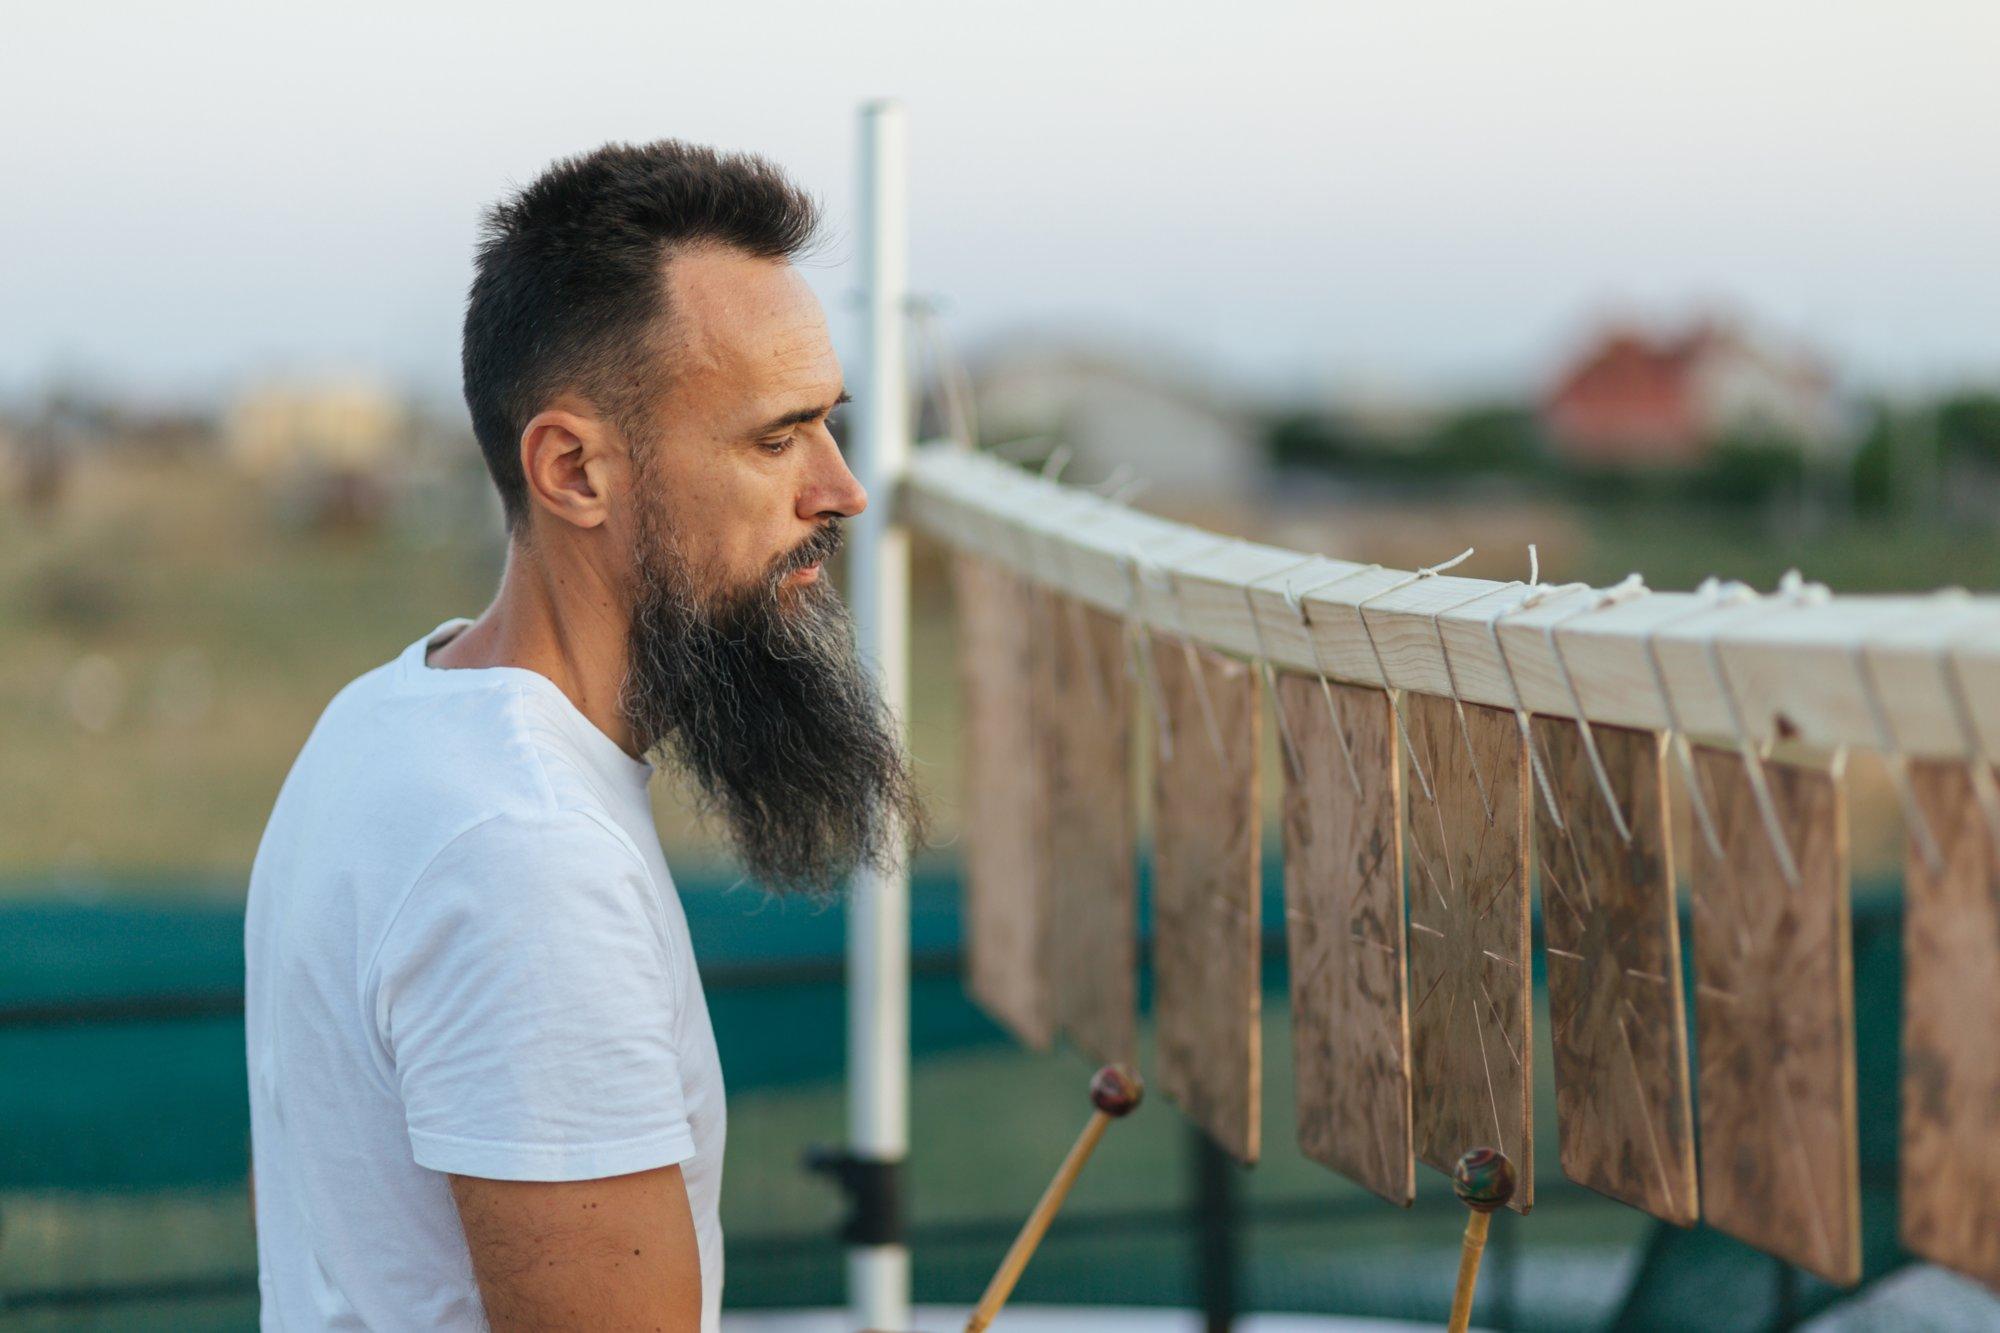 Фестиваль обертонной музыки и пения EZZO SOUND 2020: интервью с организатором Игорем Наказным